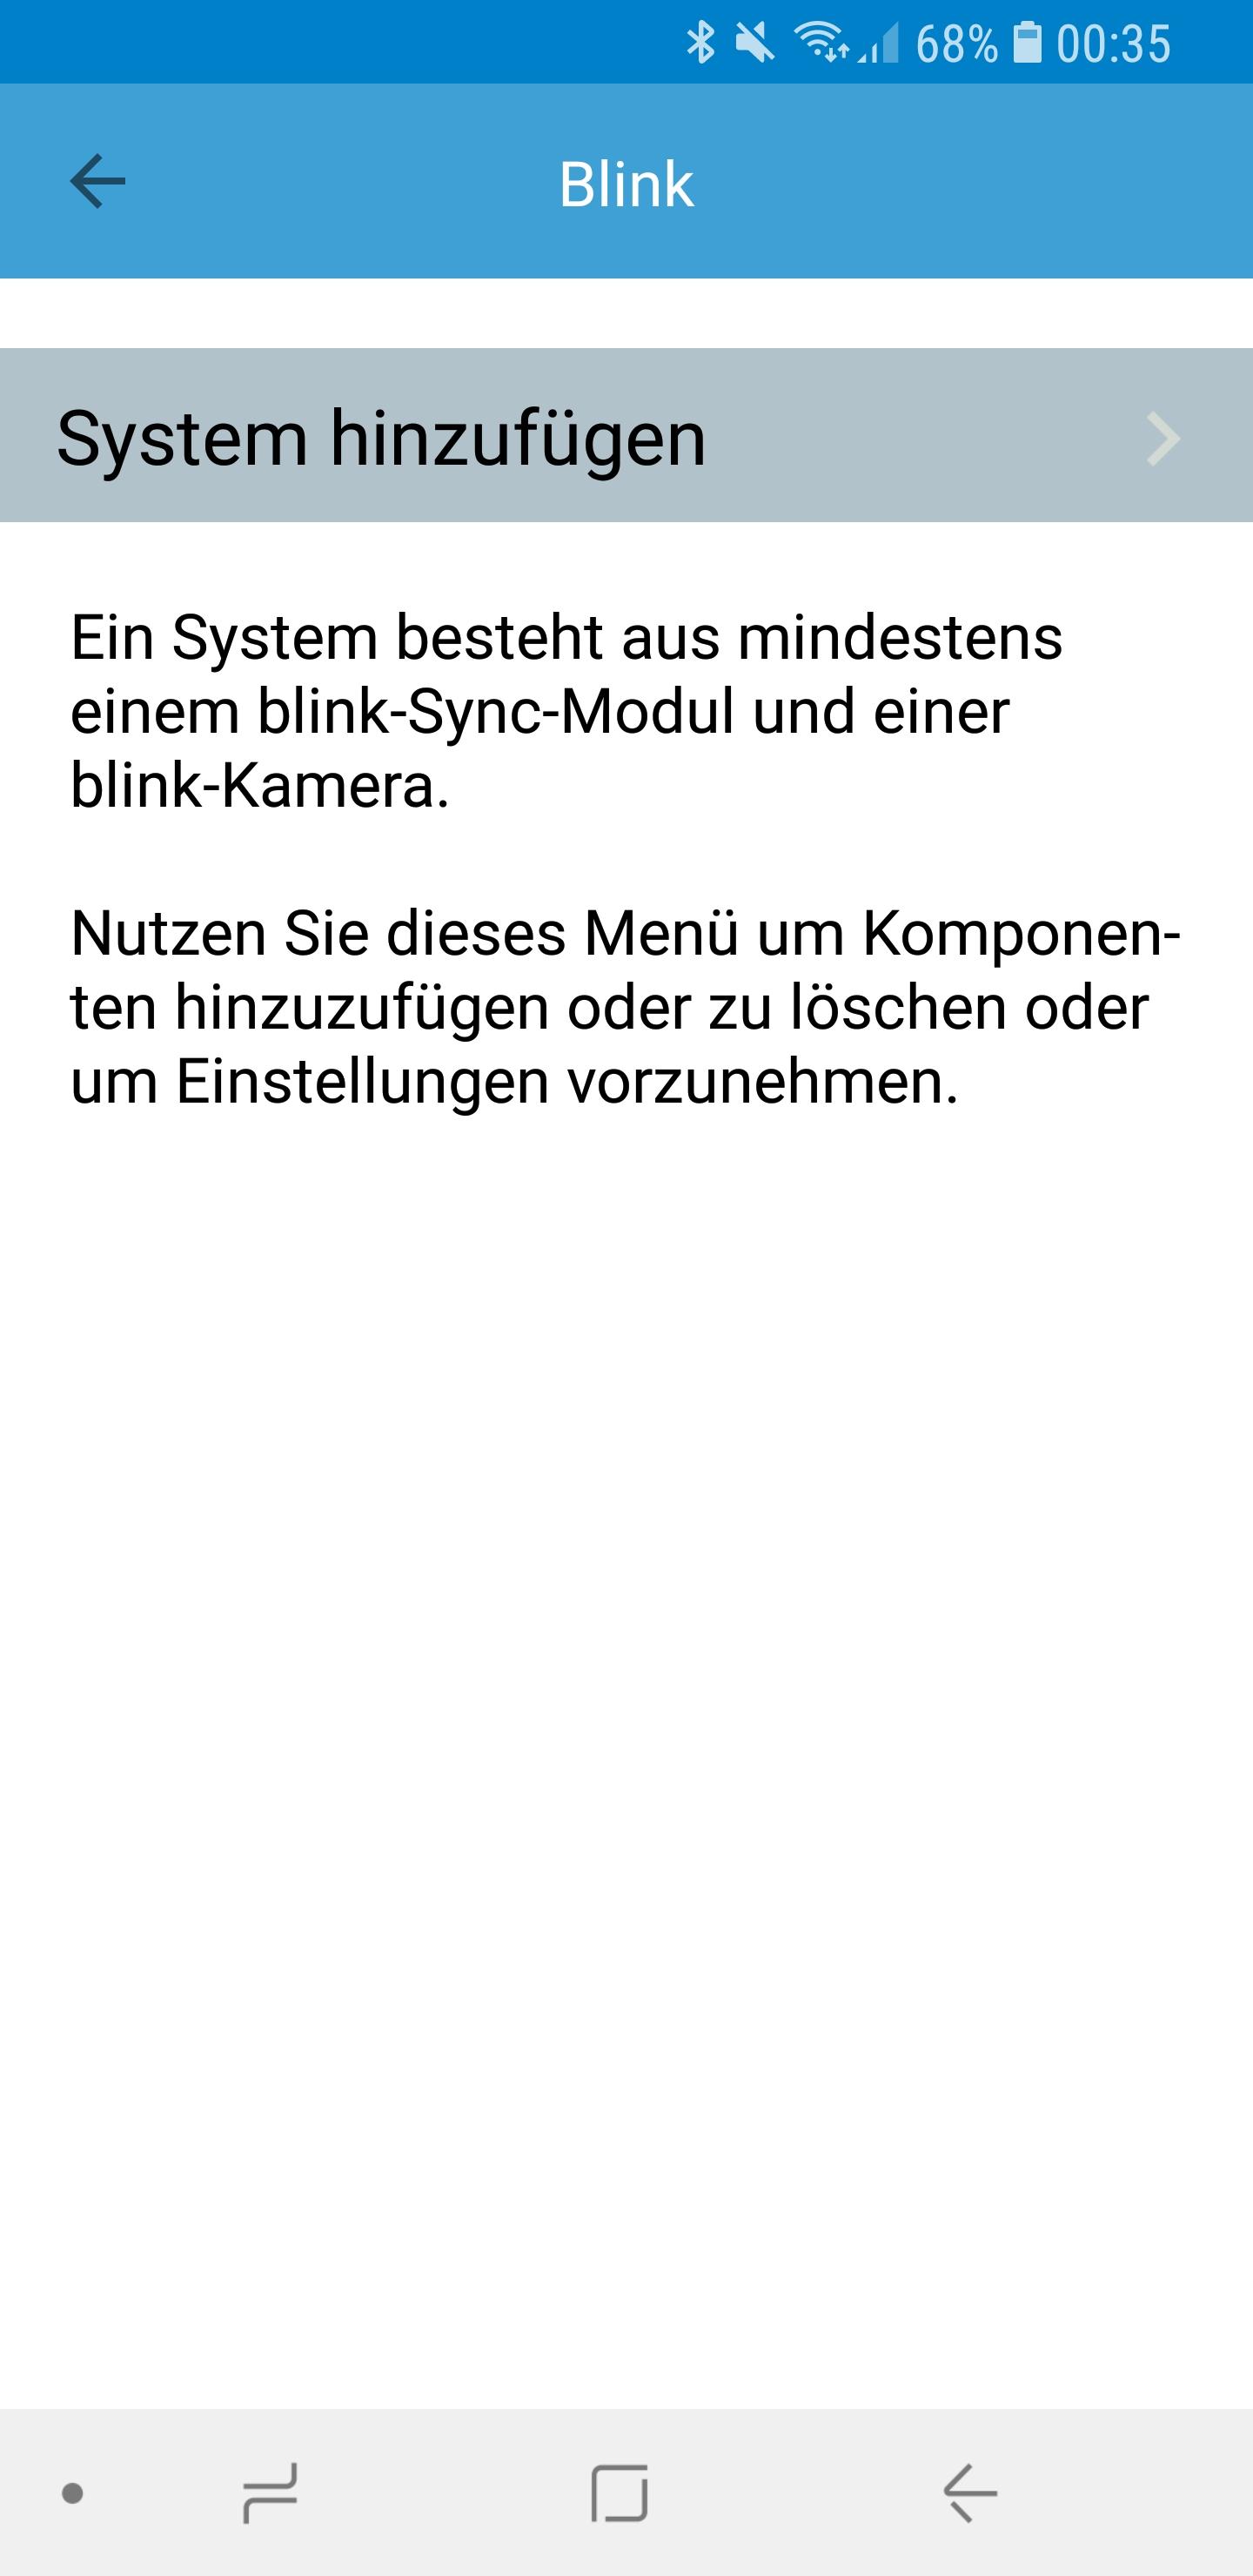 Blink-Gateway-hinzufügen-02